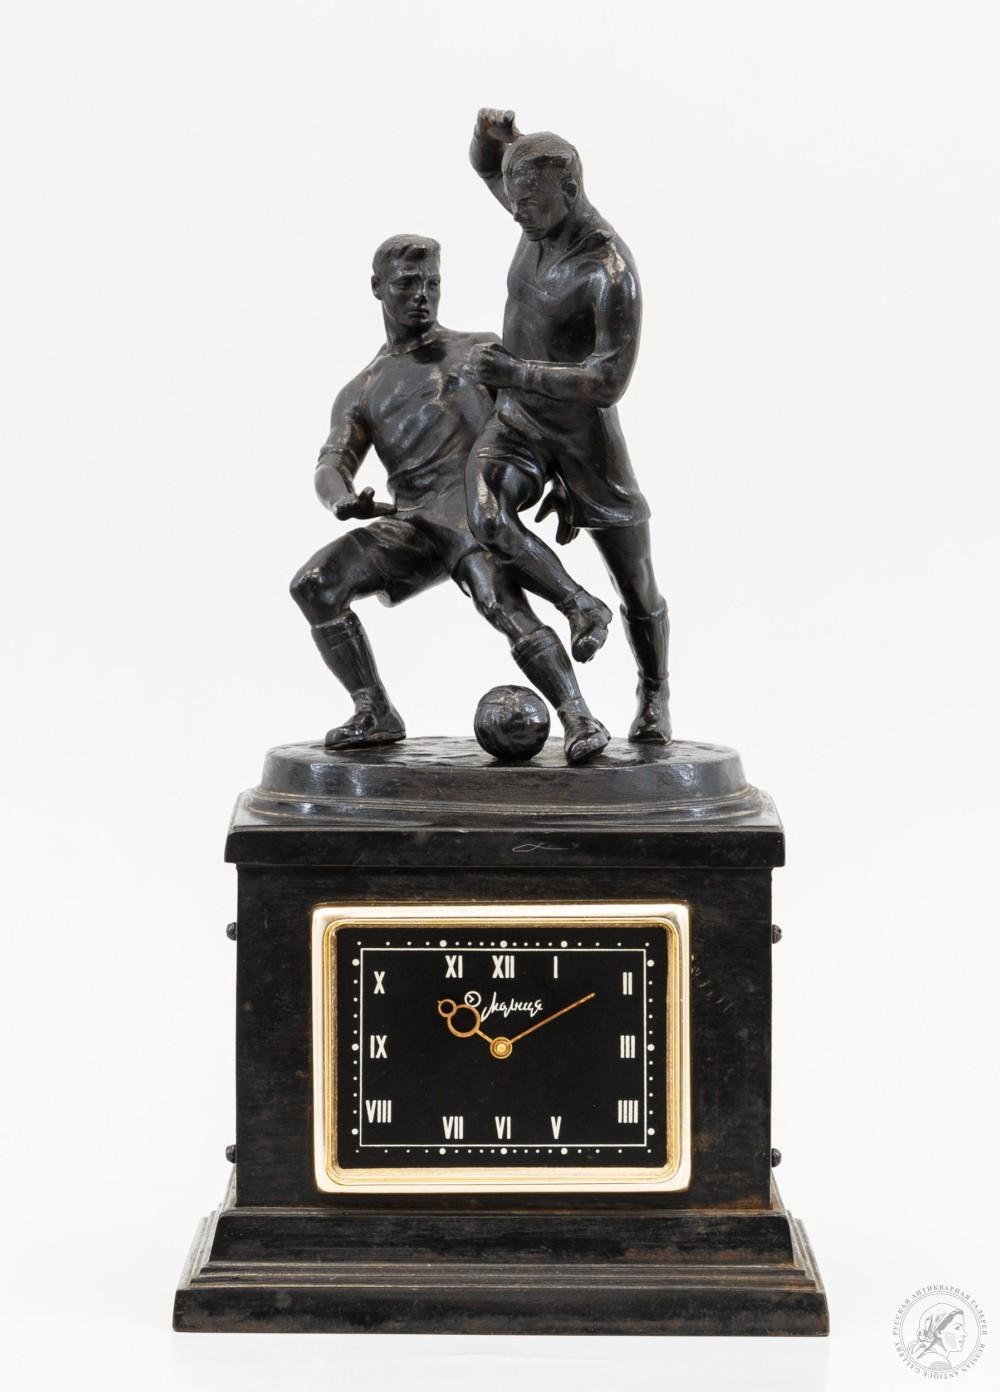 Часы настольные каслинский литейный завод «Футболисты»